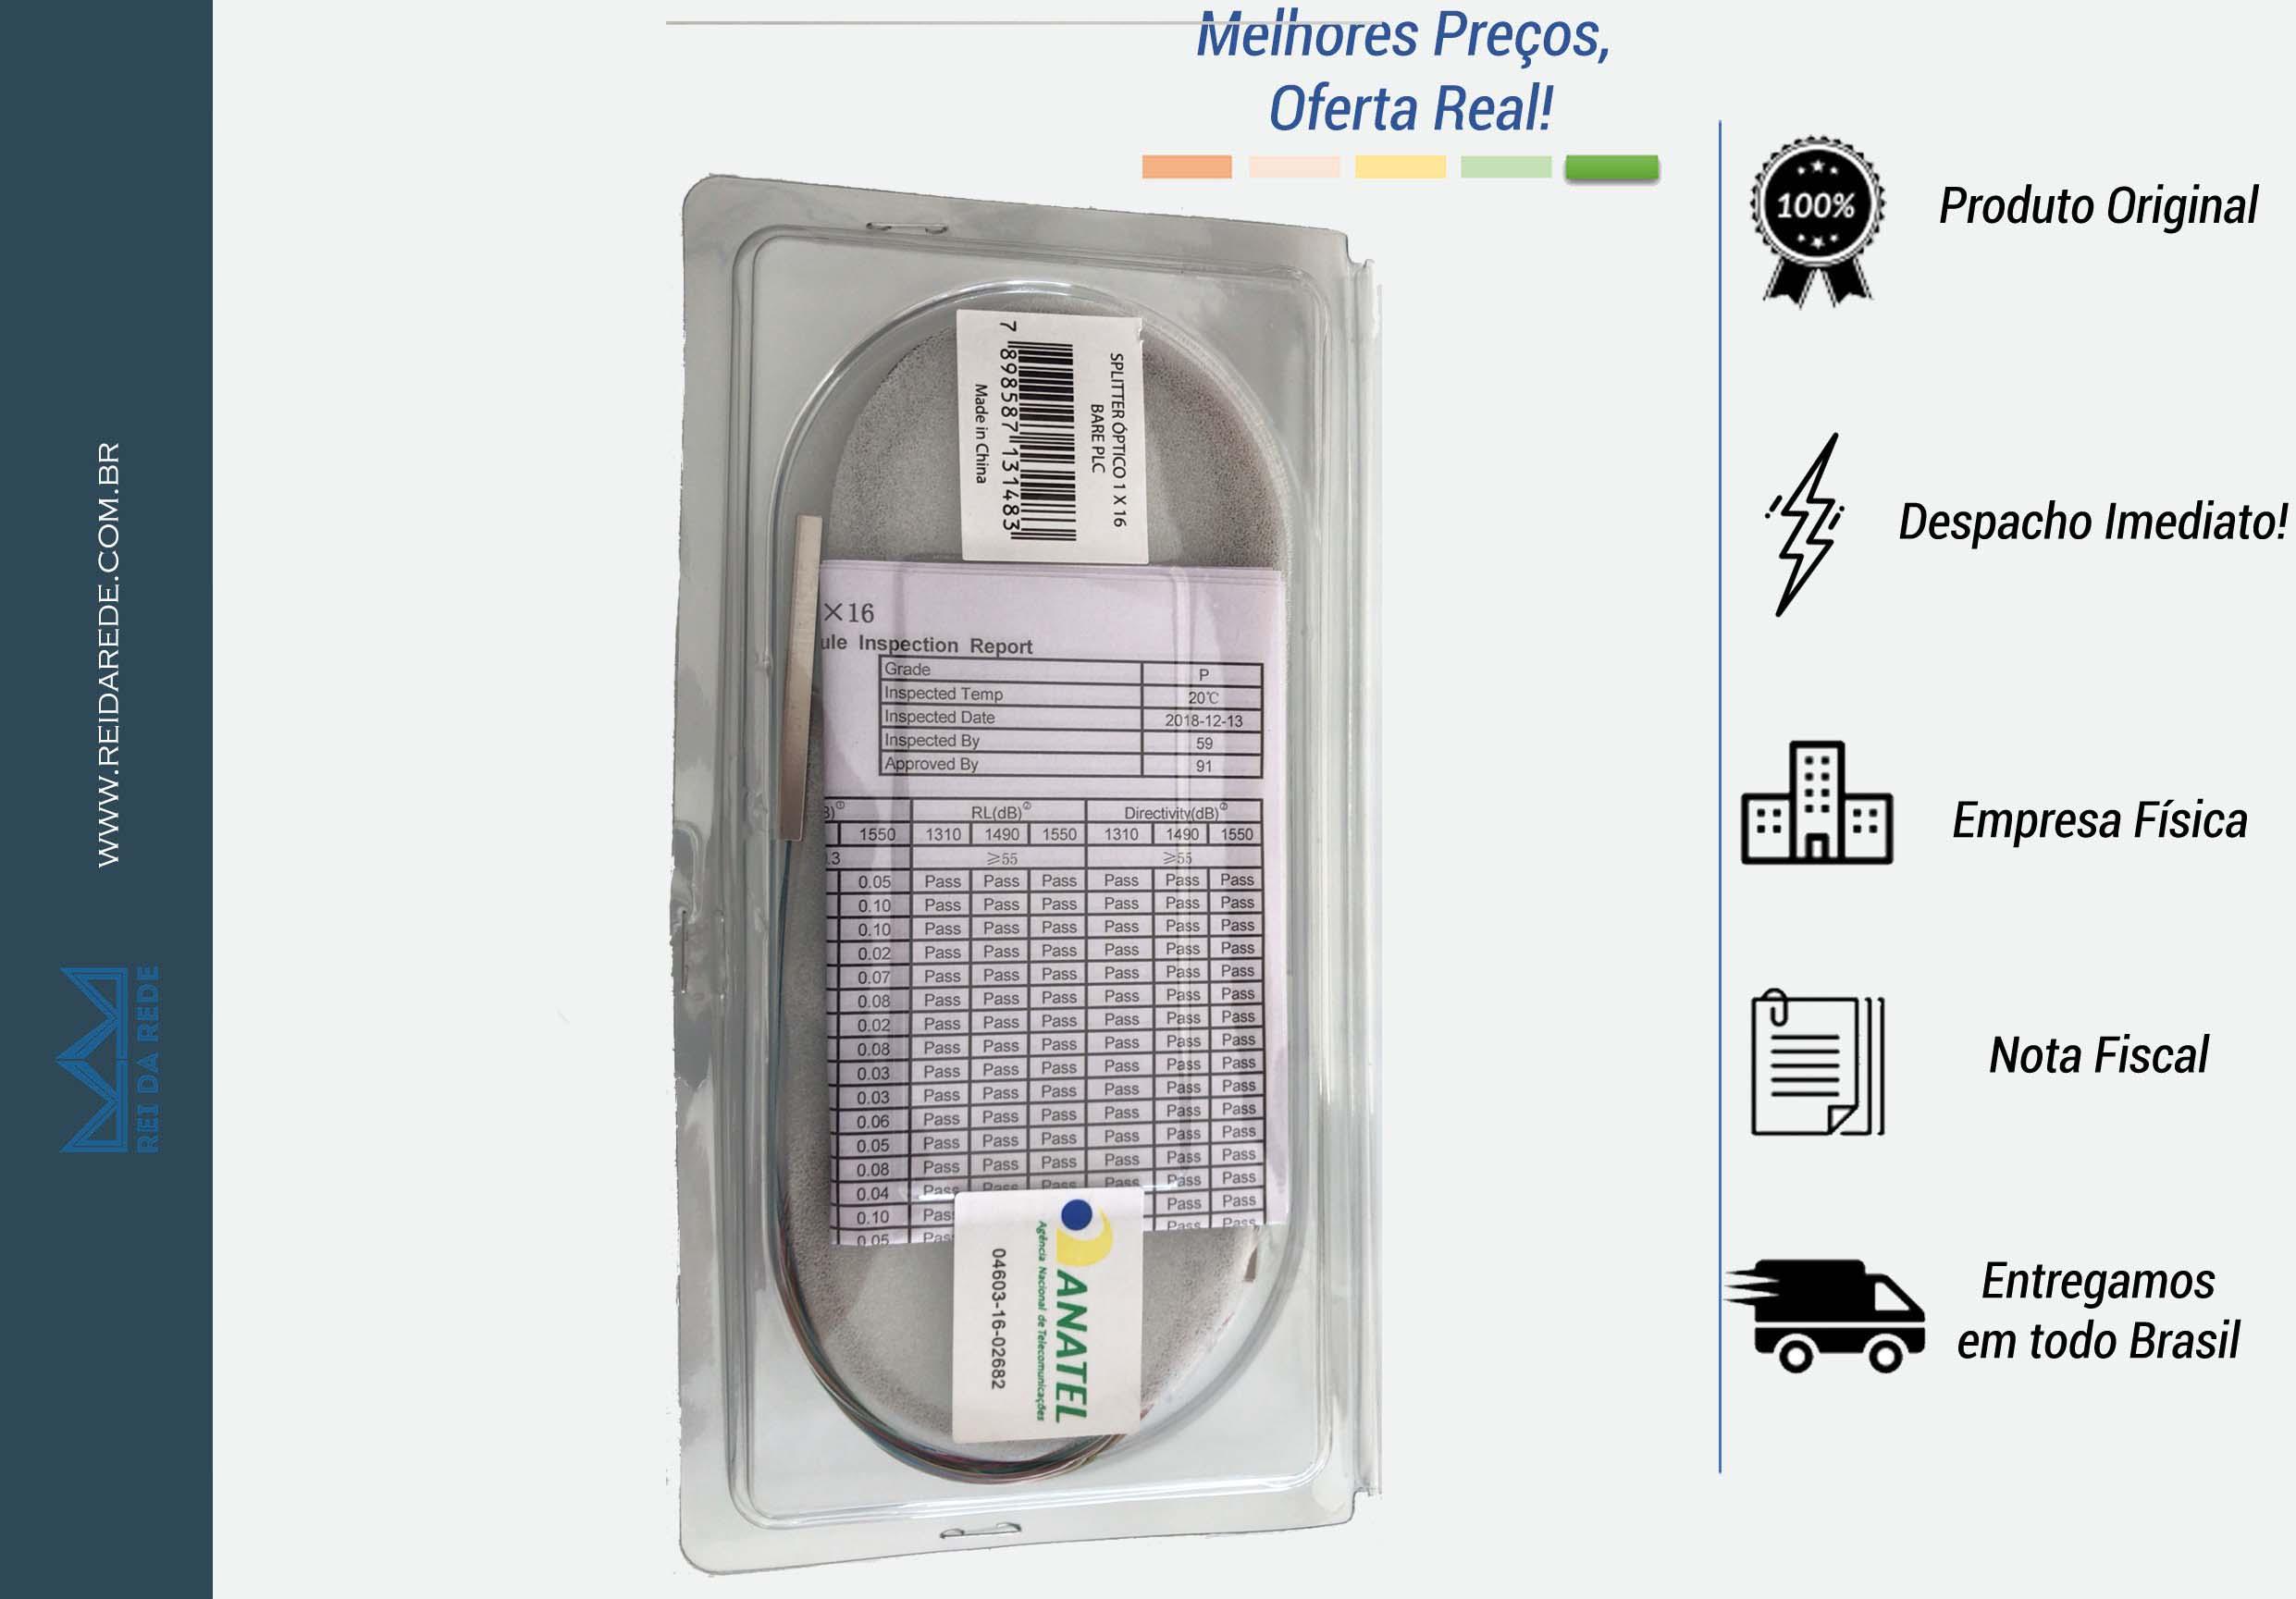 SPLITTER ÓPTICO 1 X 16 BARE PLC NAZDA - MARCA: NAZDA - MODELO: 1 X 16 BARE PLC